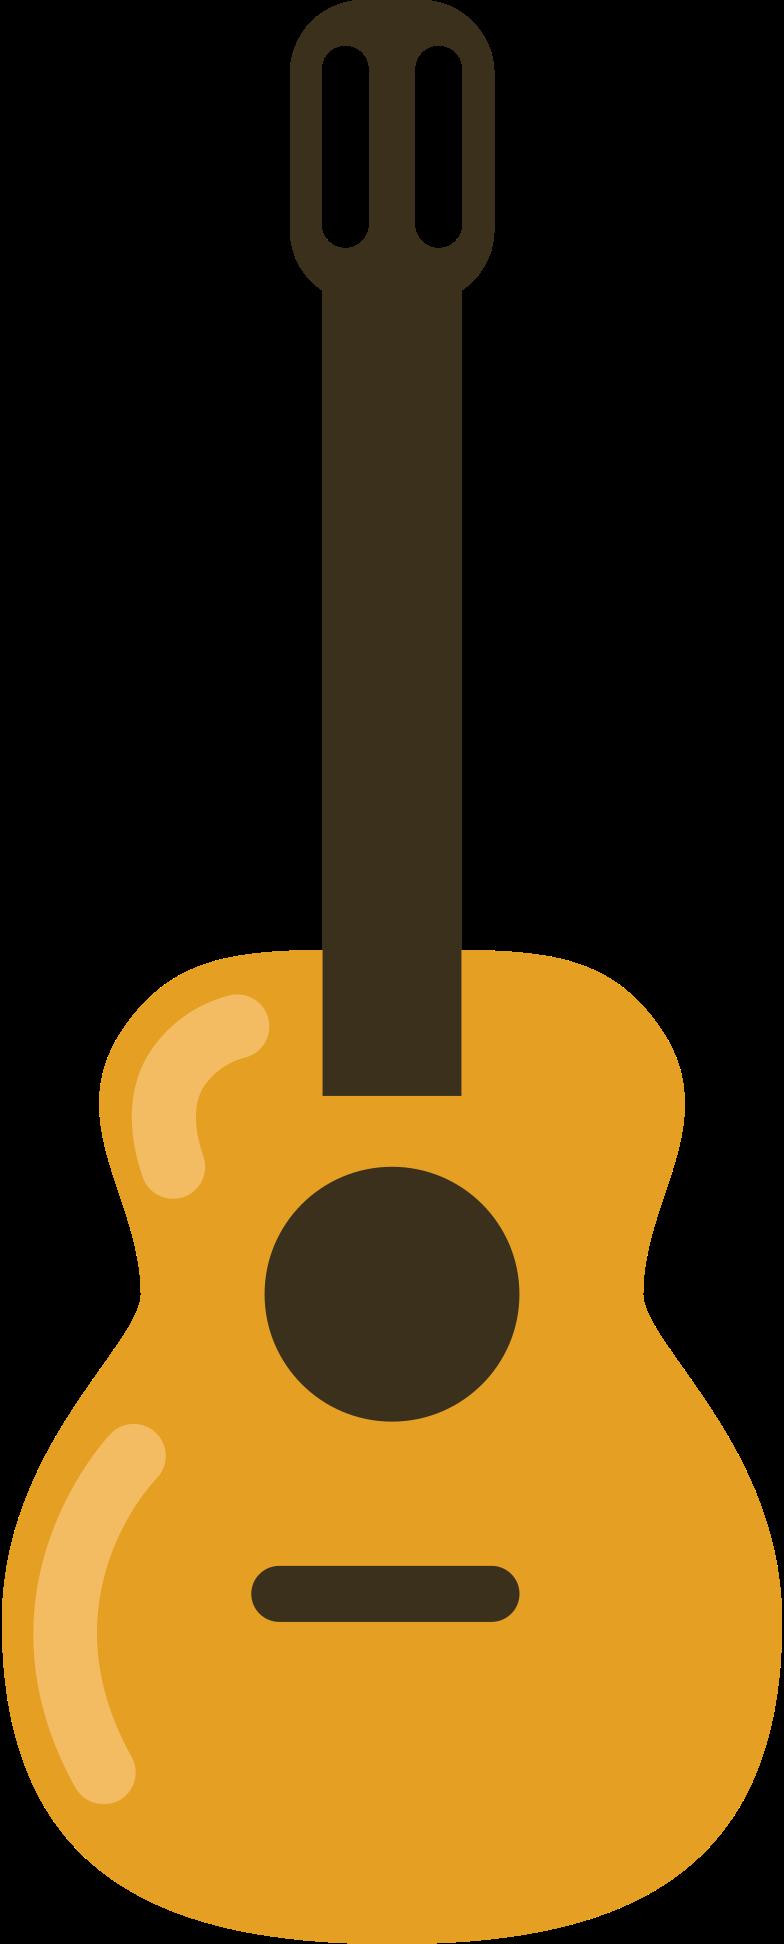 Illustration clipart guitar acoustic aux formats PNG, SVG